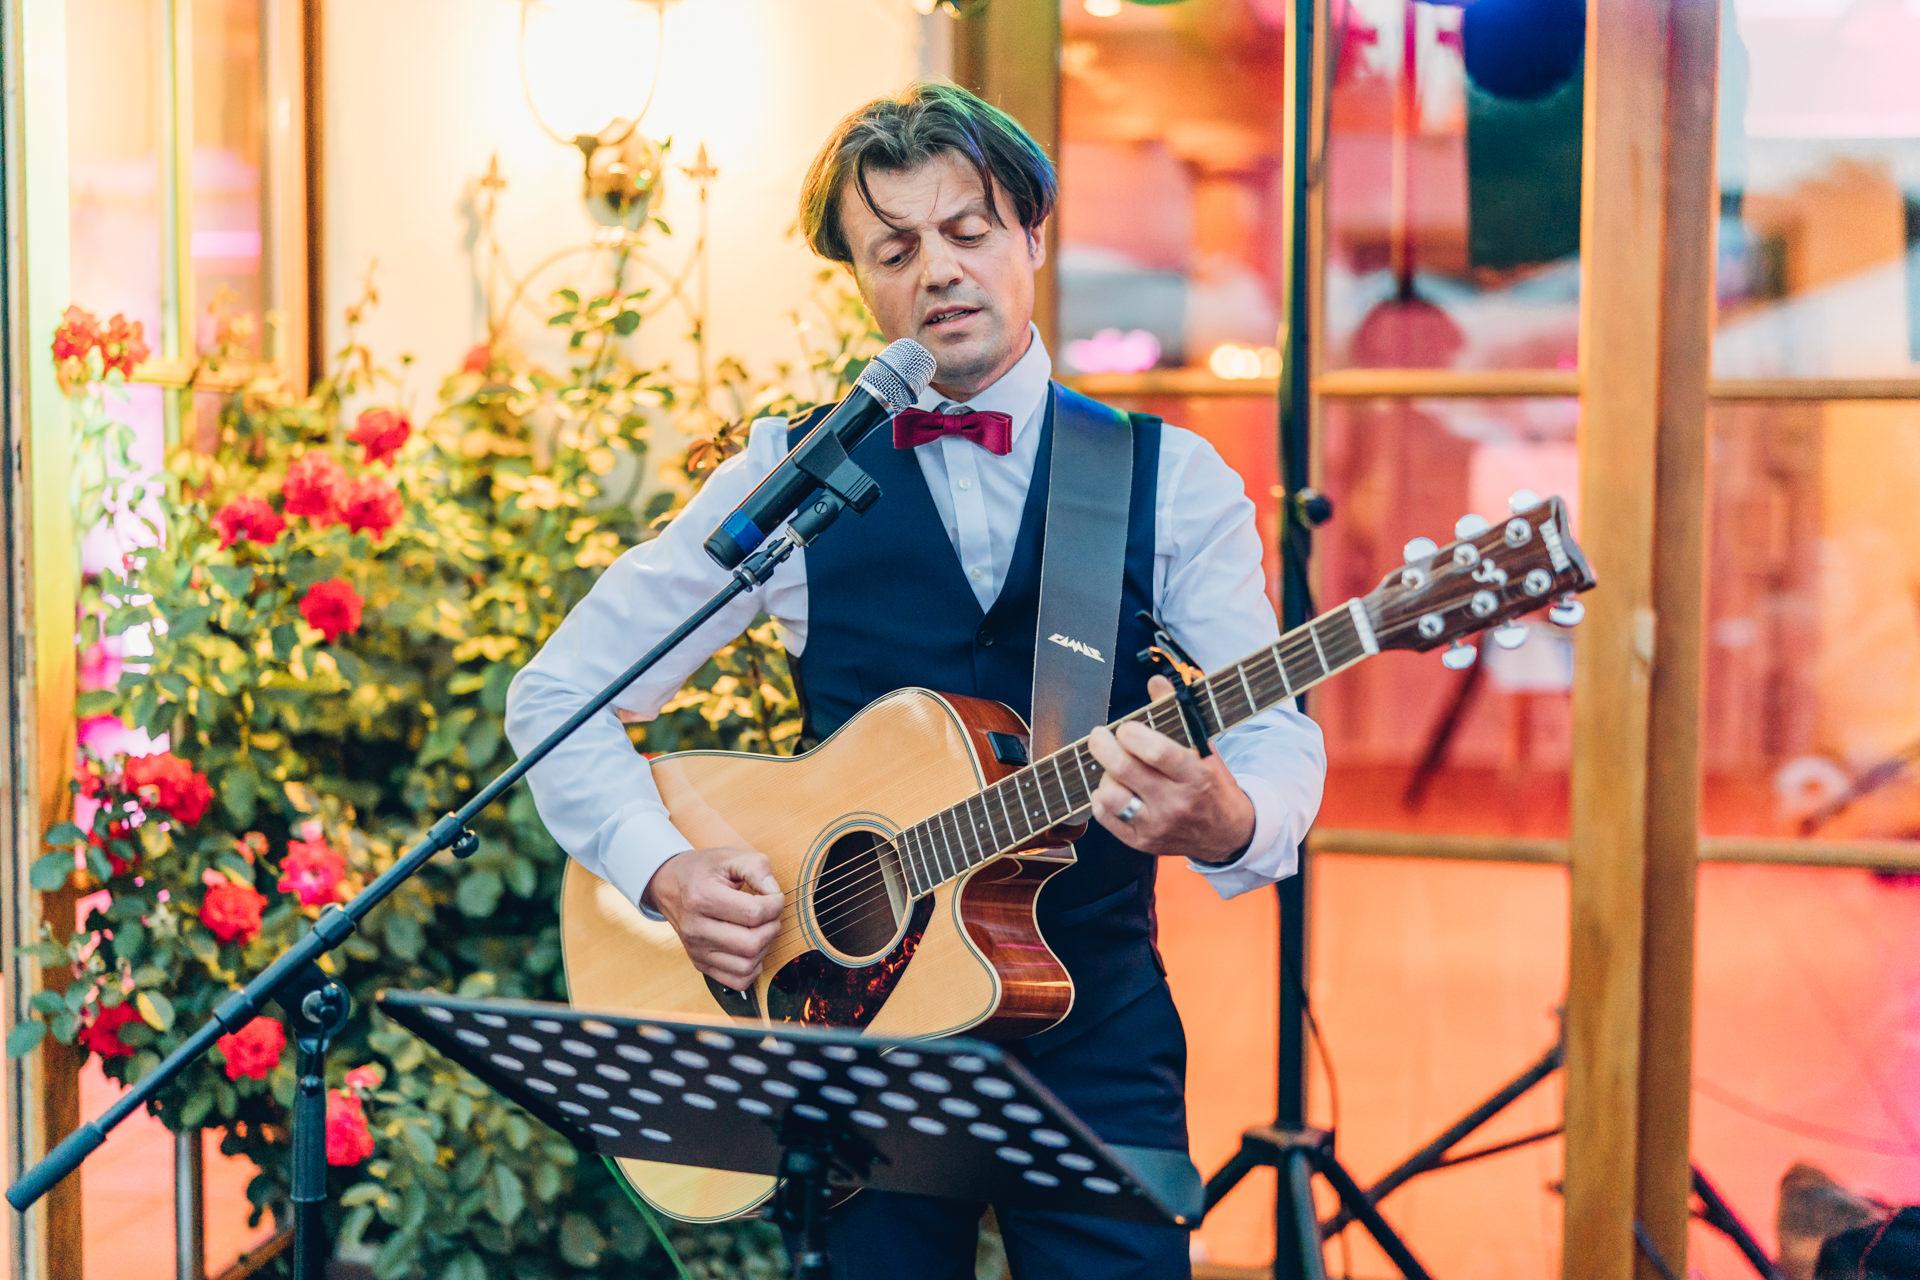 Brautvater singt ein selbst geschriebenes Hochzeitslied und spielt Gitarre